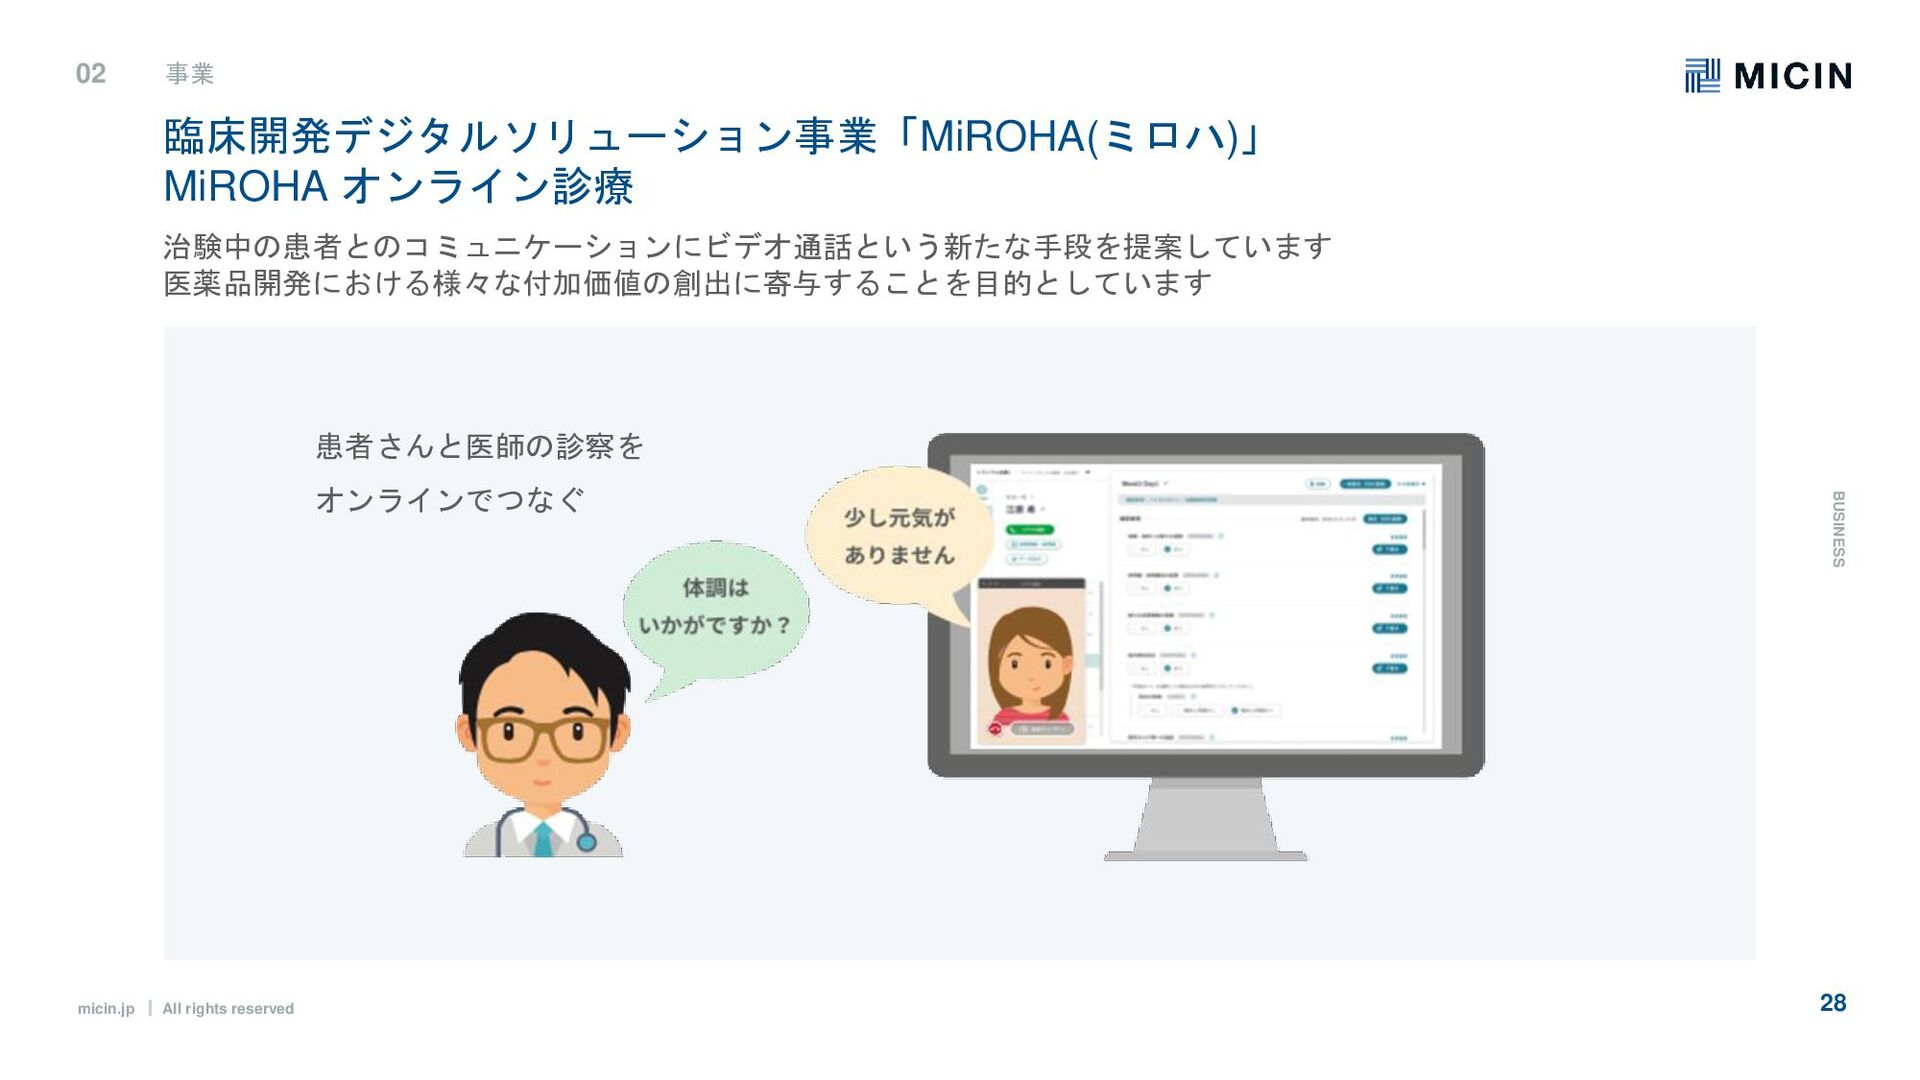 micin.jp ʛ All rights reserved 28 micin.jp ʛ Al...